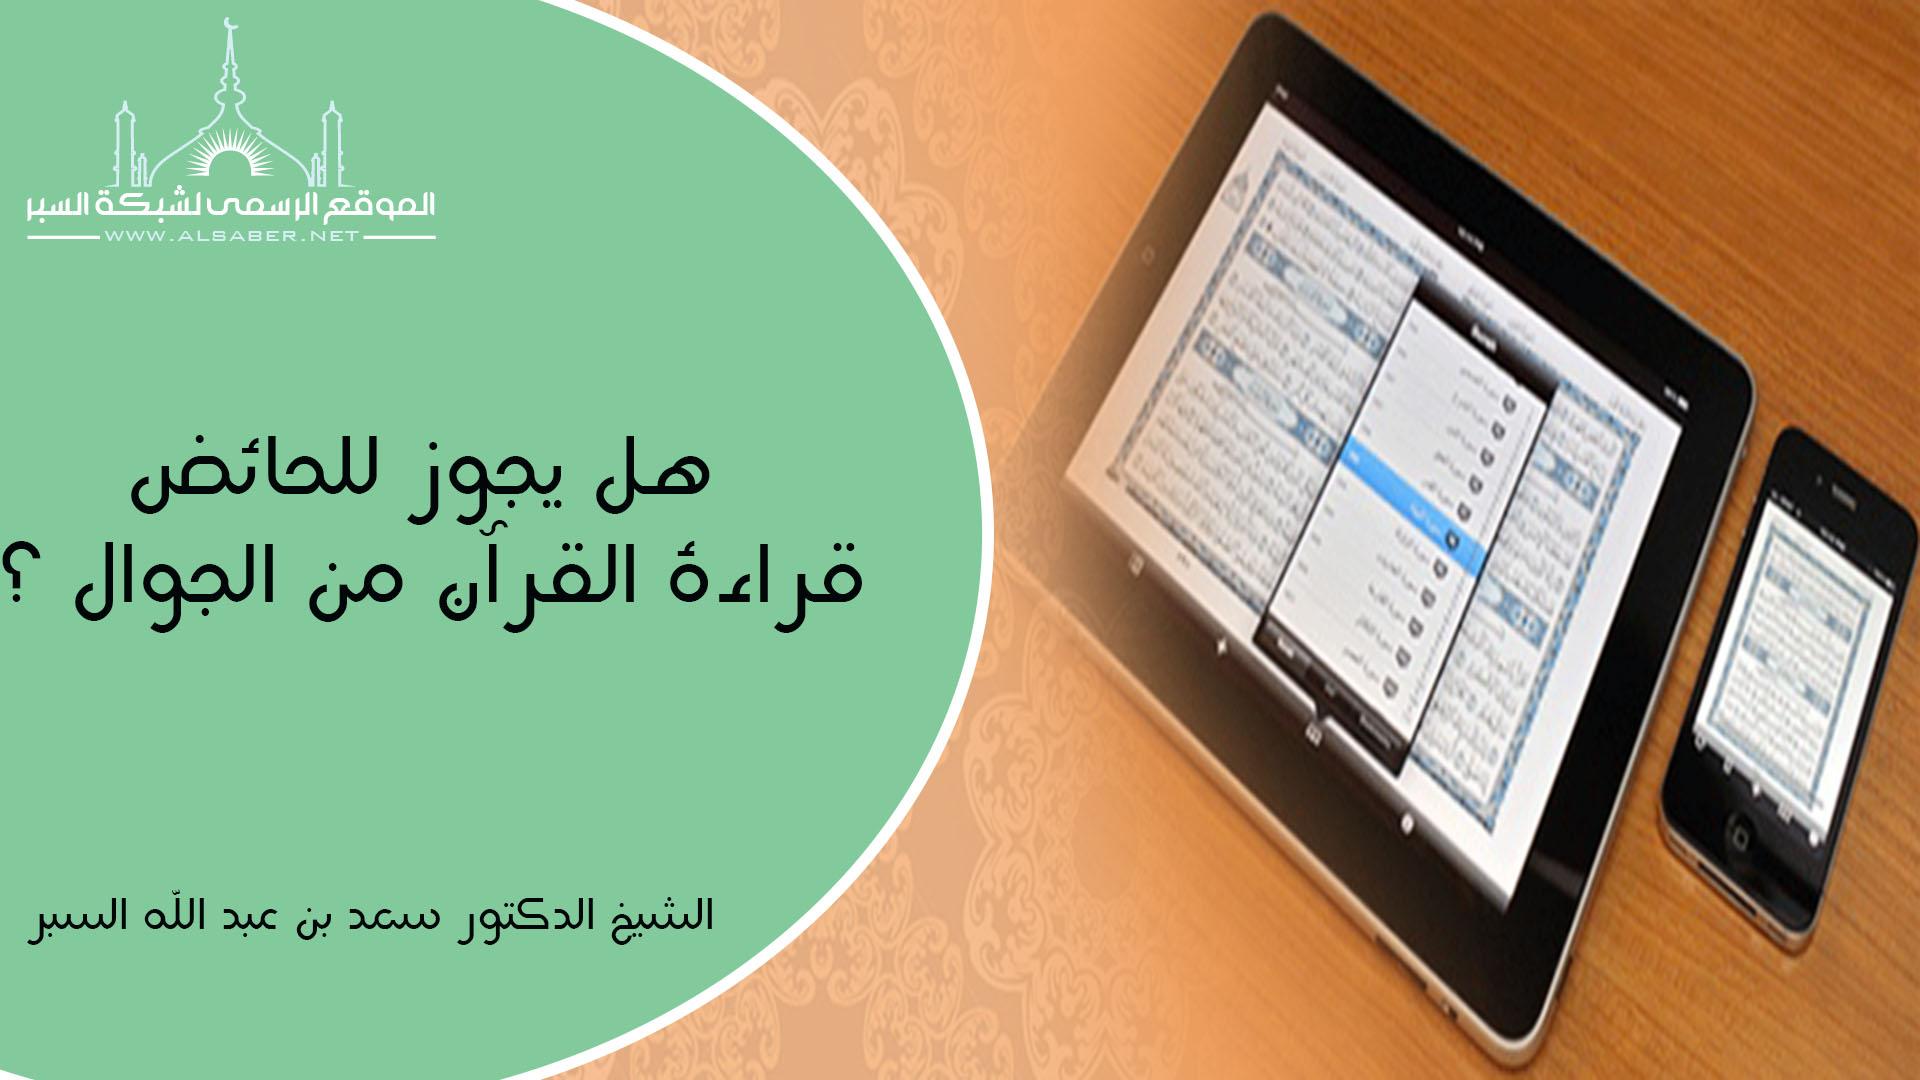 هل يجوز للحائض قراءة القرآن من الجوال فتاوى اسلامية الموقع الرسمي لشبكة السبر